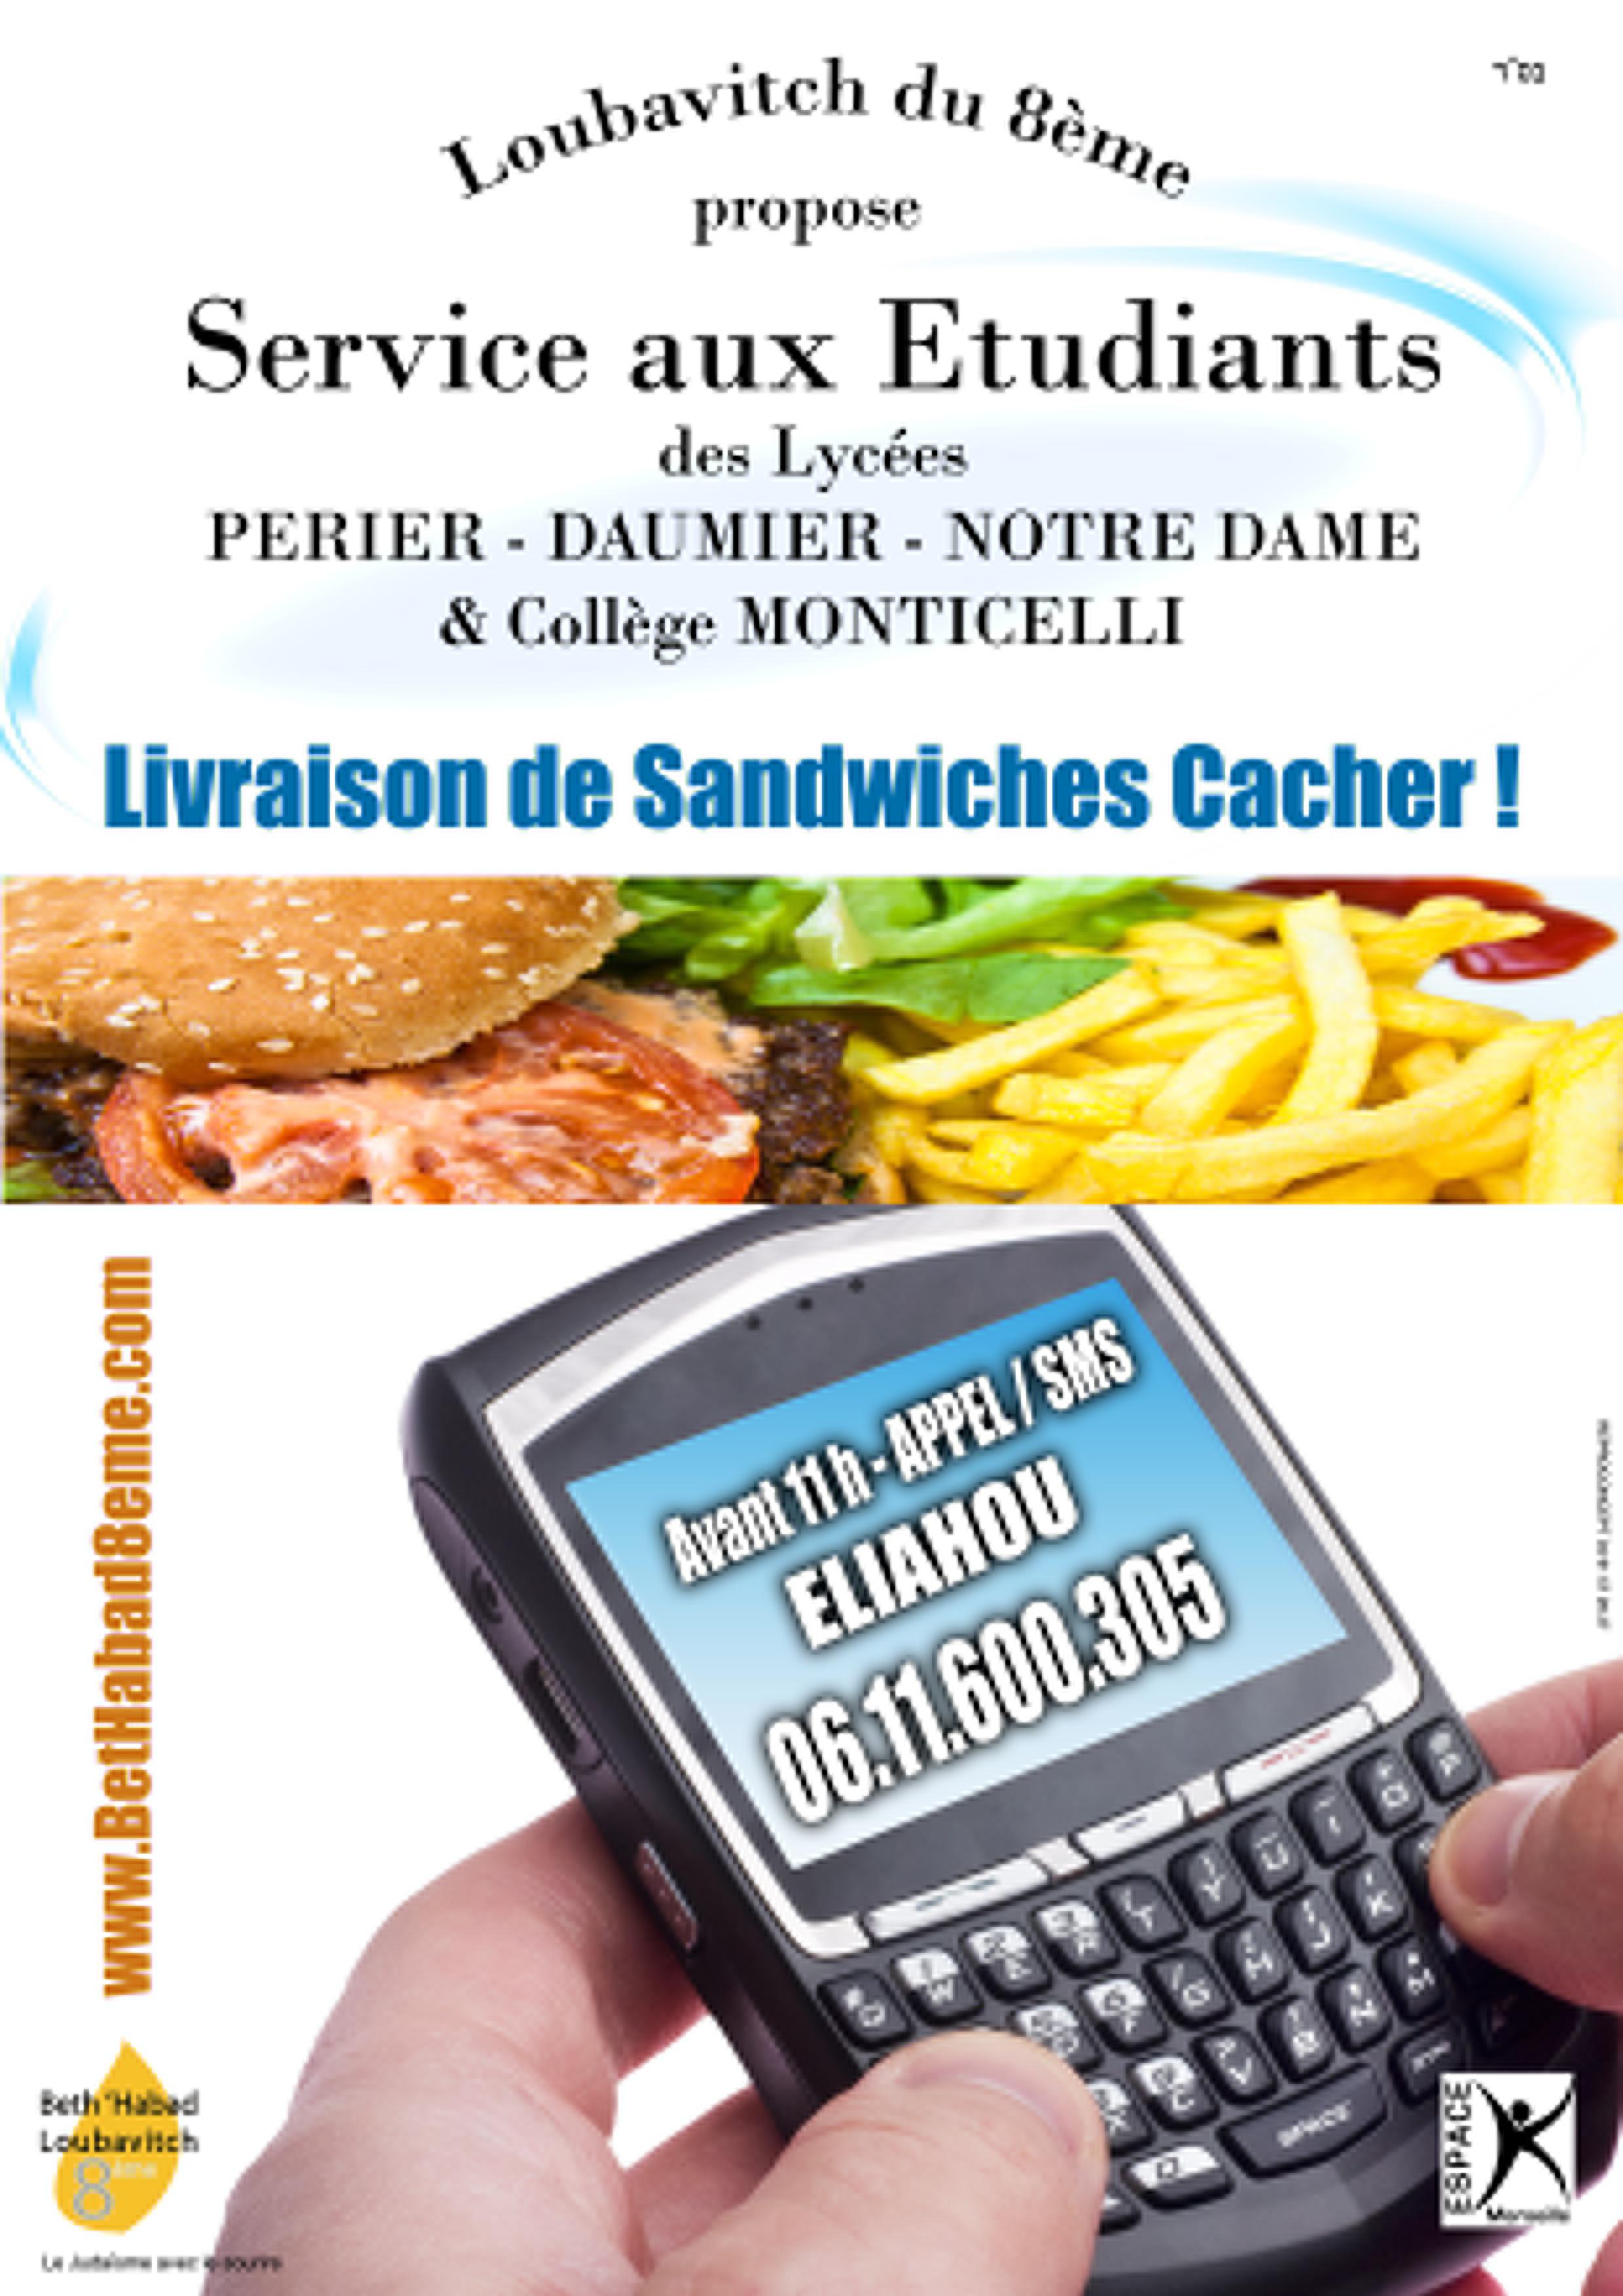 Affiche_Sandwiches_Etudiants.jpg